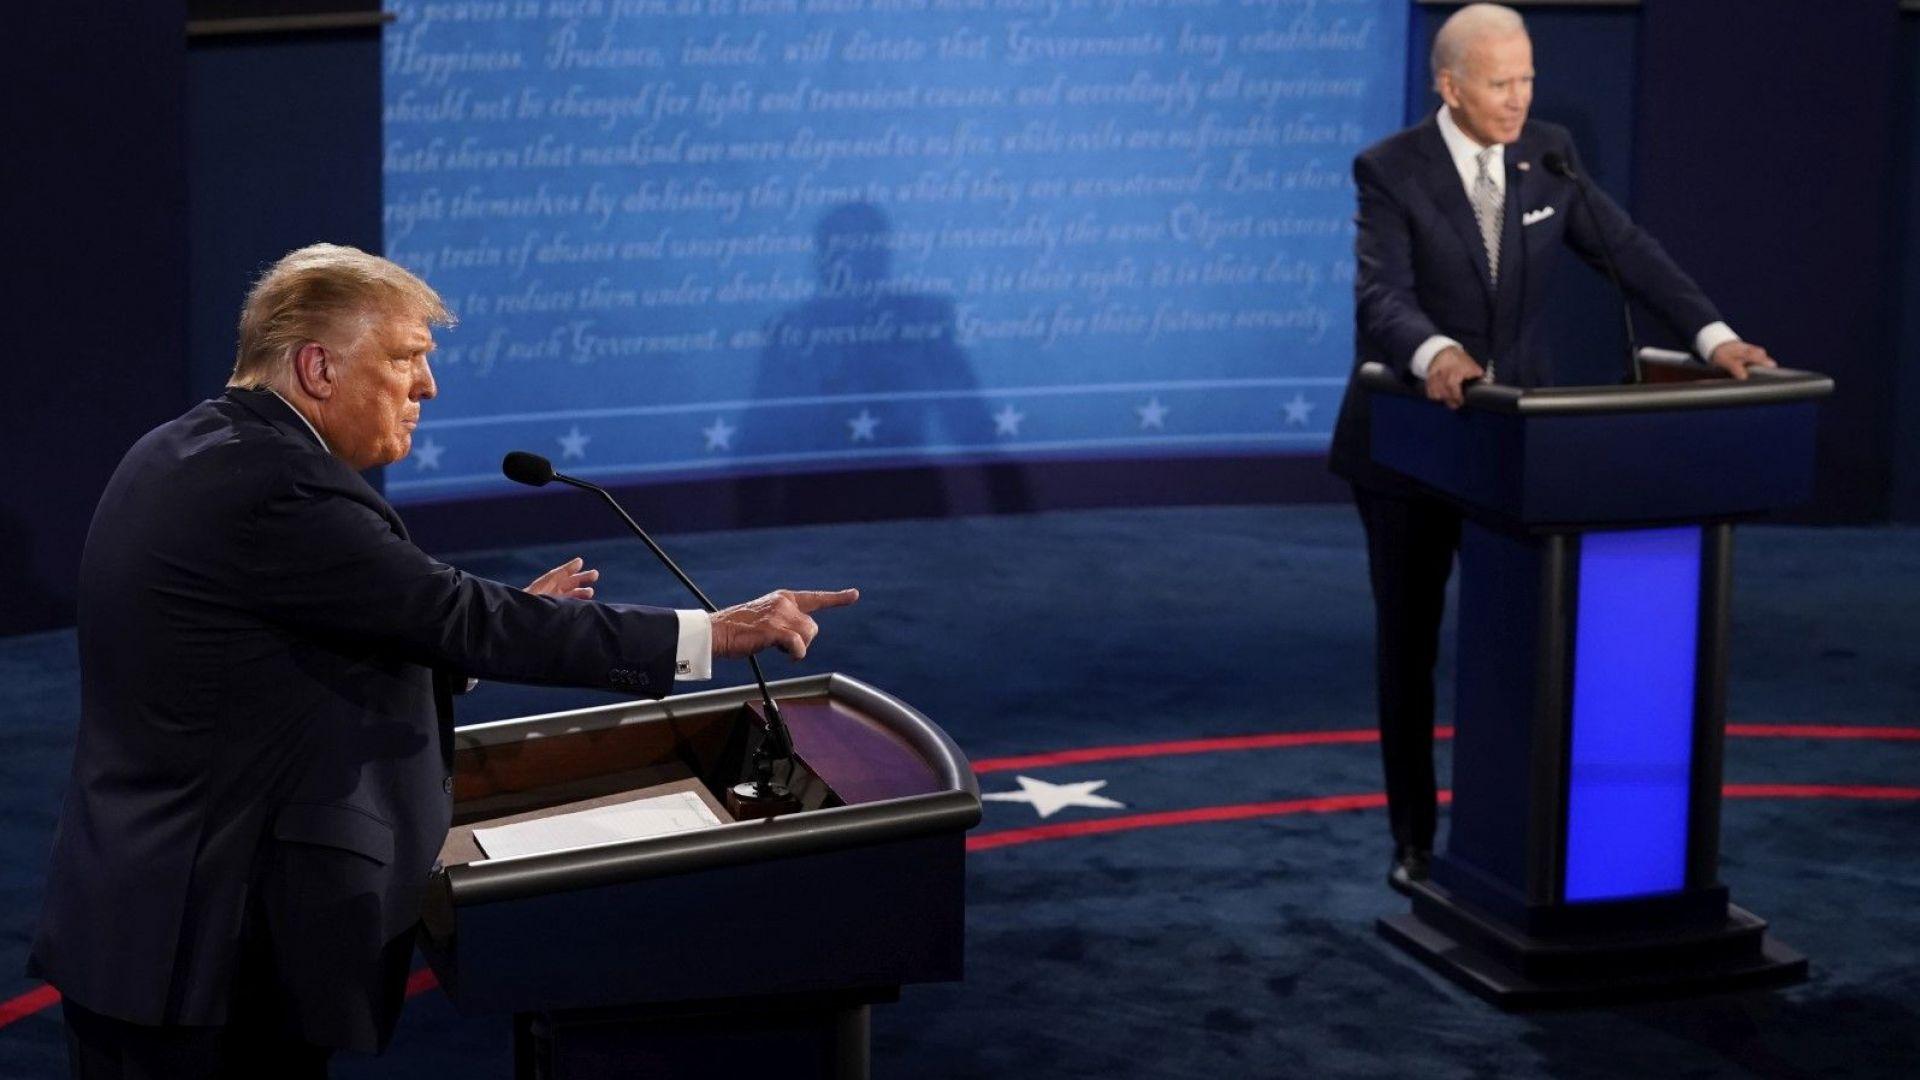 Байдън обвини Тръмп, че  не е осъдил белите  супремасисти